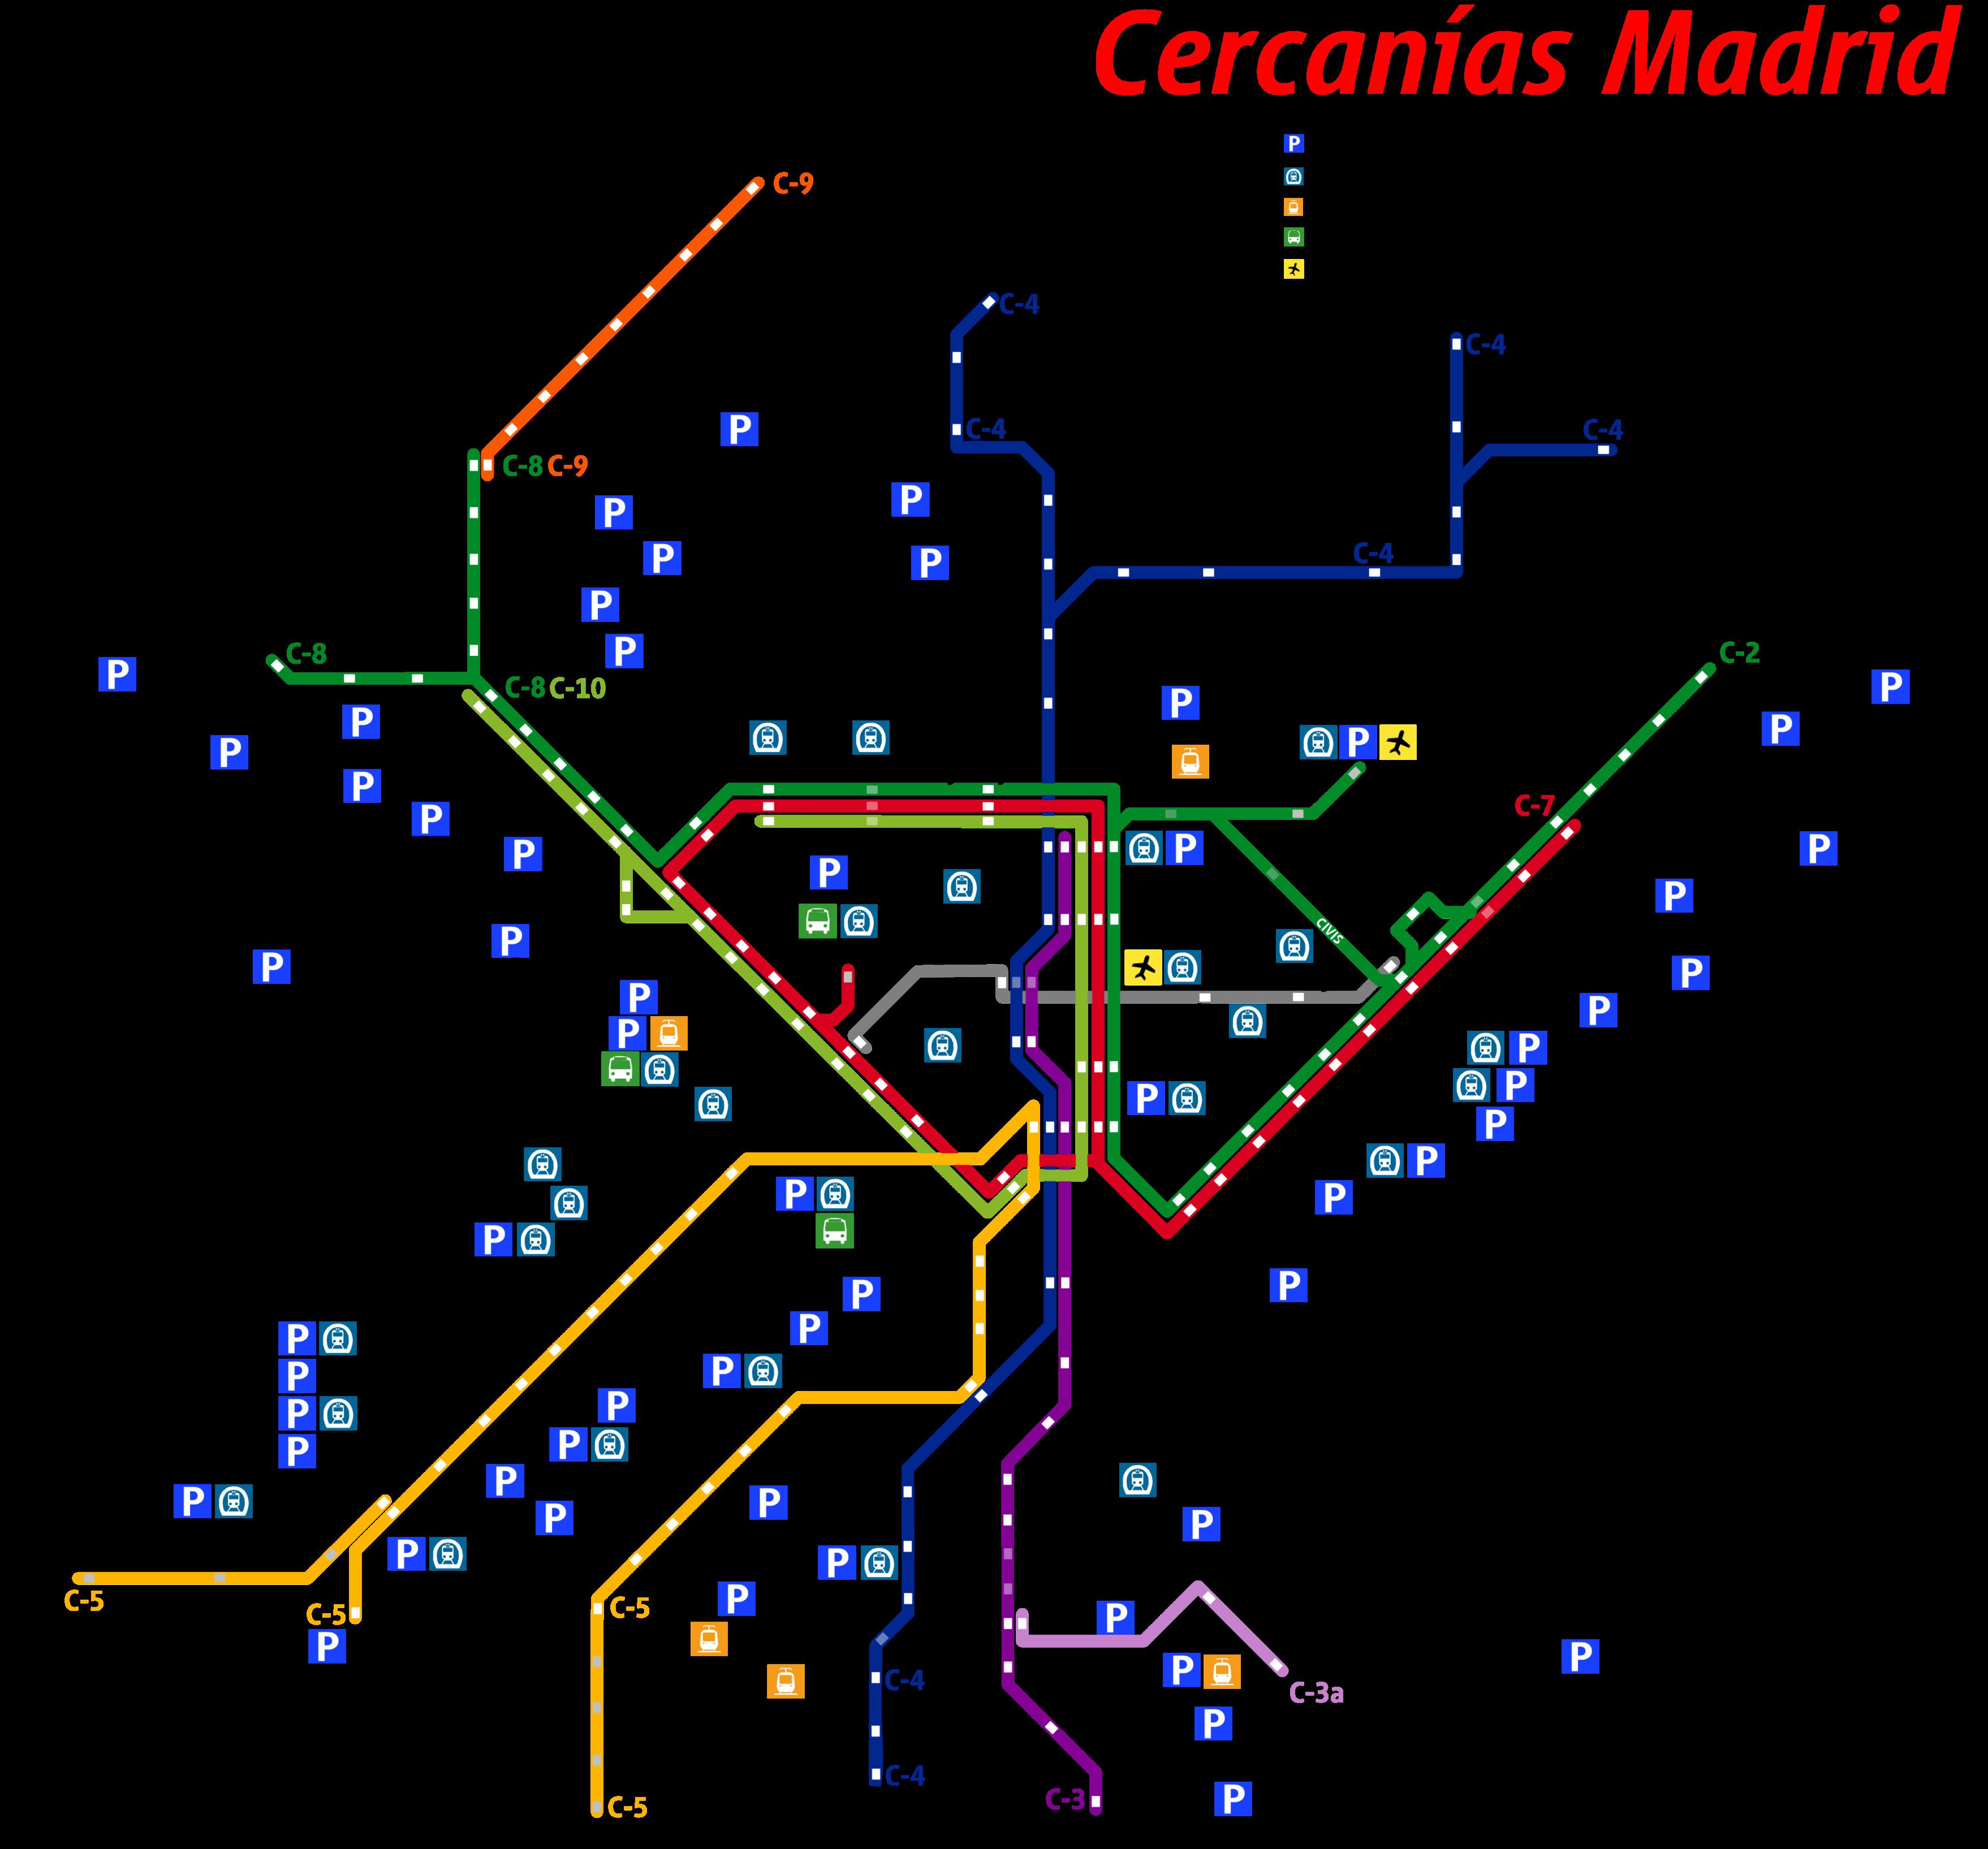 google tren cercania barcelona: